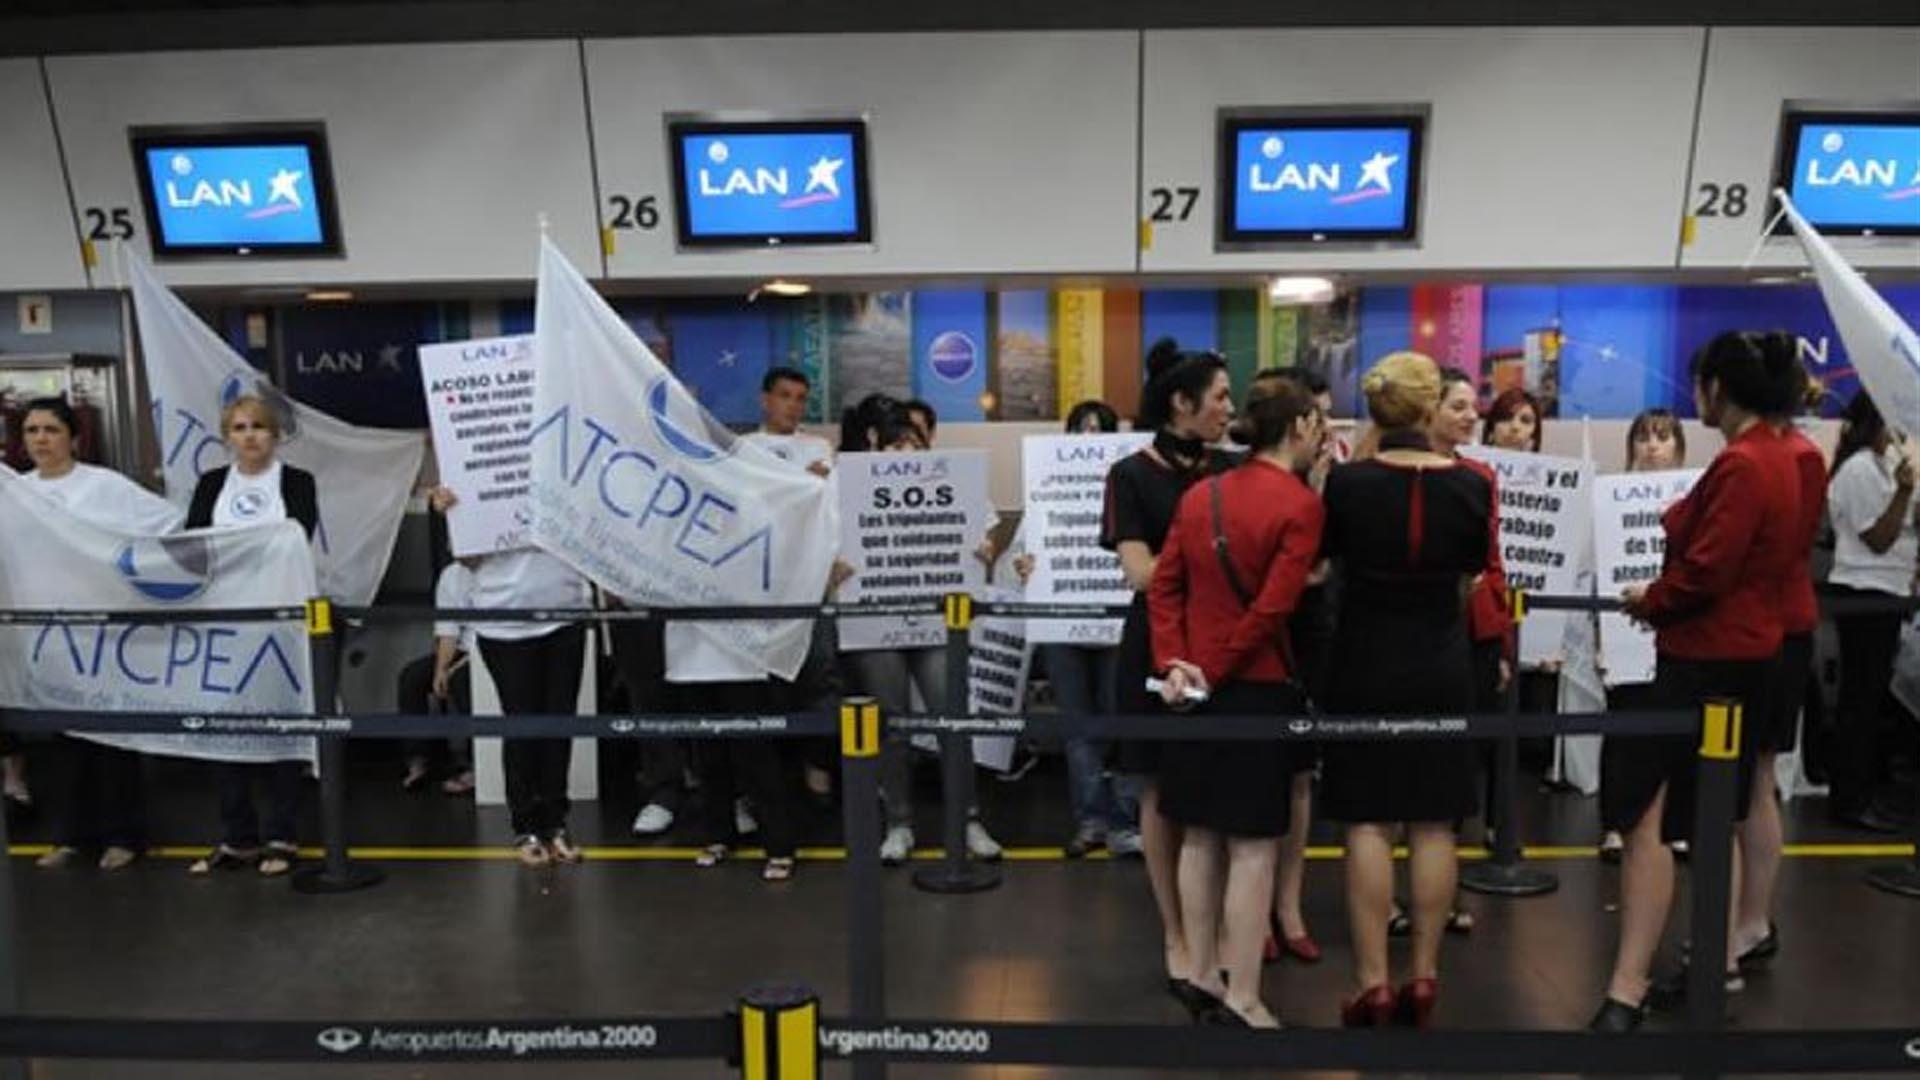 Trabajadores de Latam protestaron en aeroparque contra tercerización de las tareas de mantenimiento